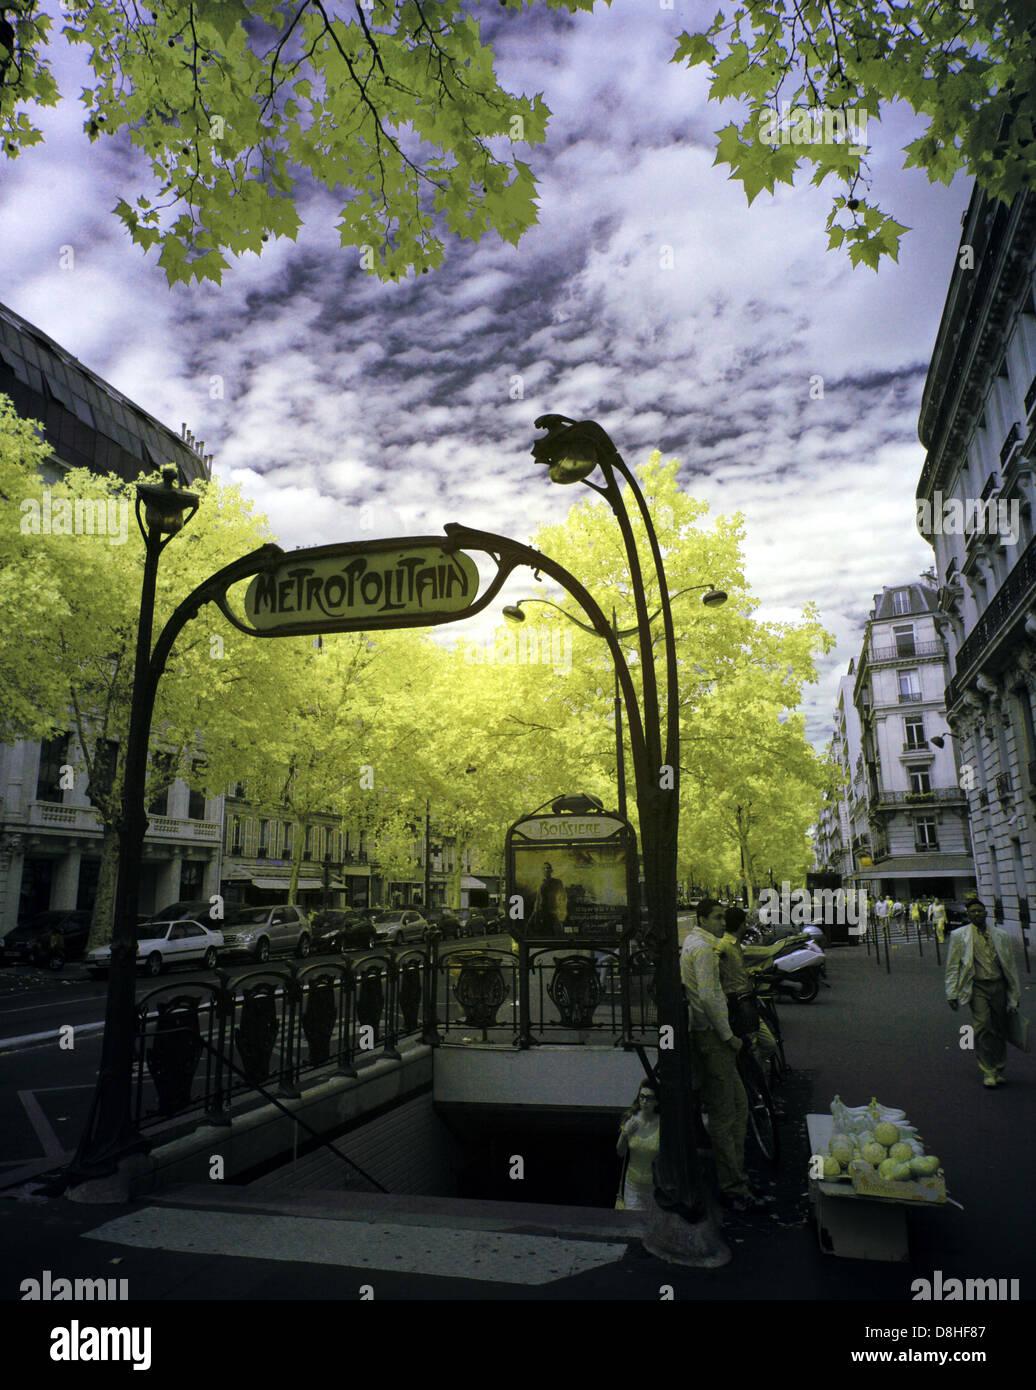 Laden Sie dieses Alamy Stockfoto Ein Art Nouveau Paris Metro-Station Eingang genommen mit einem IR Infrarot angepasst Canon 5D Kamera, Frankreich, Europa - D8HF87